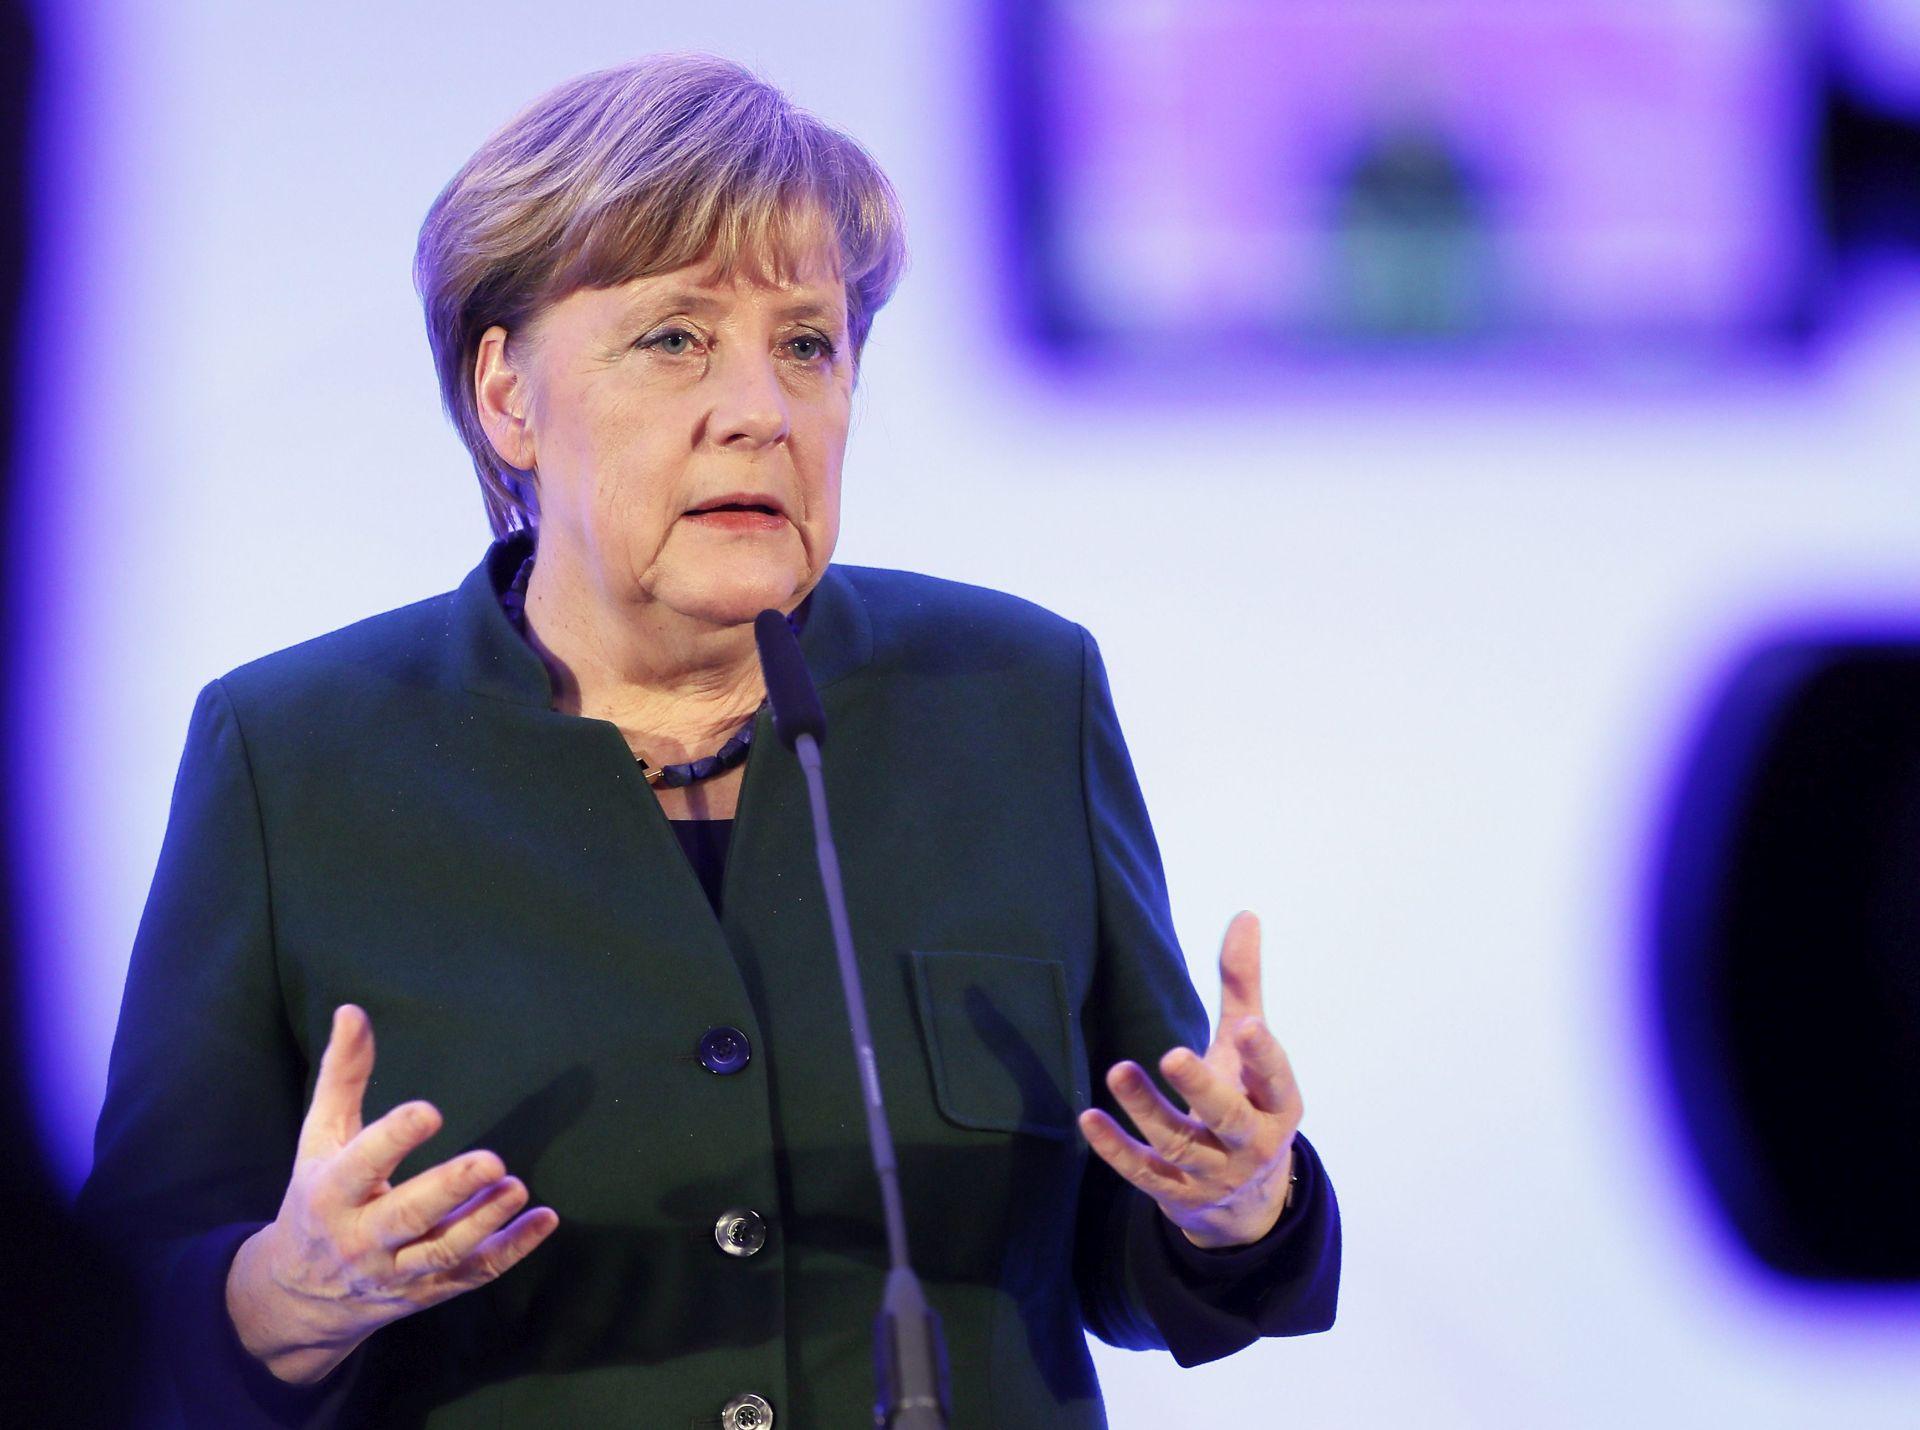 Merkel zadovoljna zbog više jasnoće u vezi s Brexitom nakon govora May